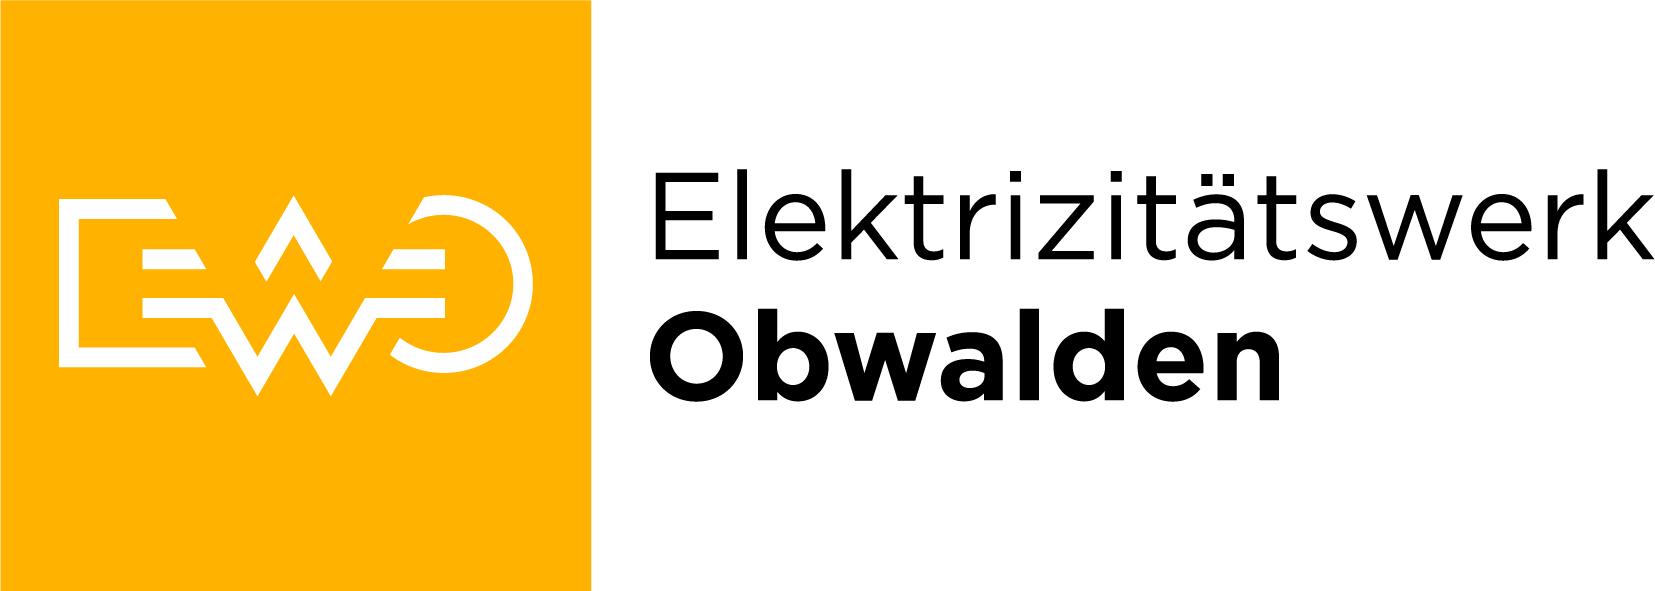 EWO_LOGO_Firmenbezeichnung_Positiv_RGB